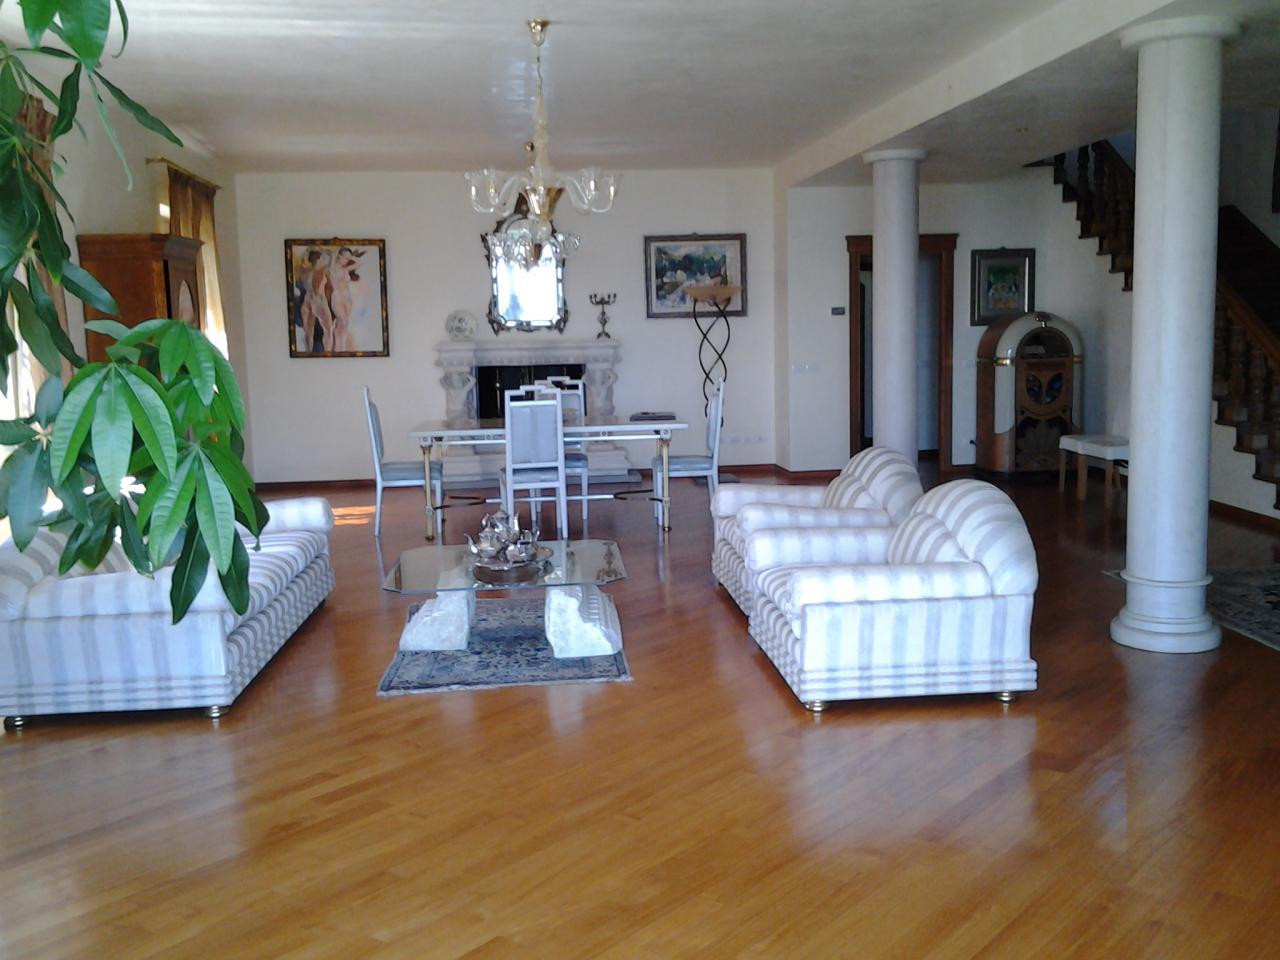 Villa in vendita a Prato, 20 locali, zona Zona: Figline, prezzo € 2.600.000 | Cambio Casa.it